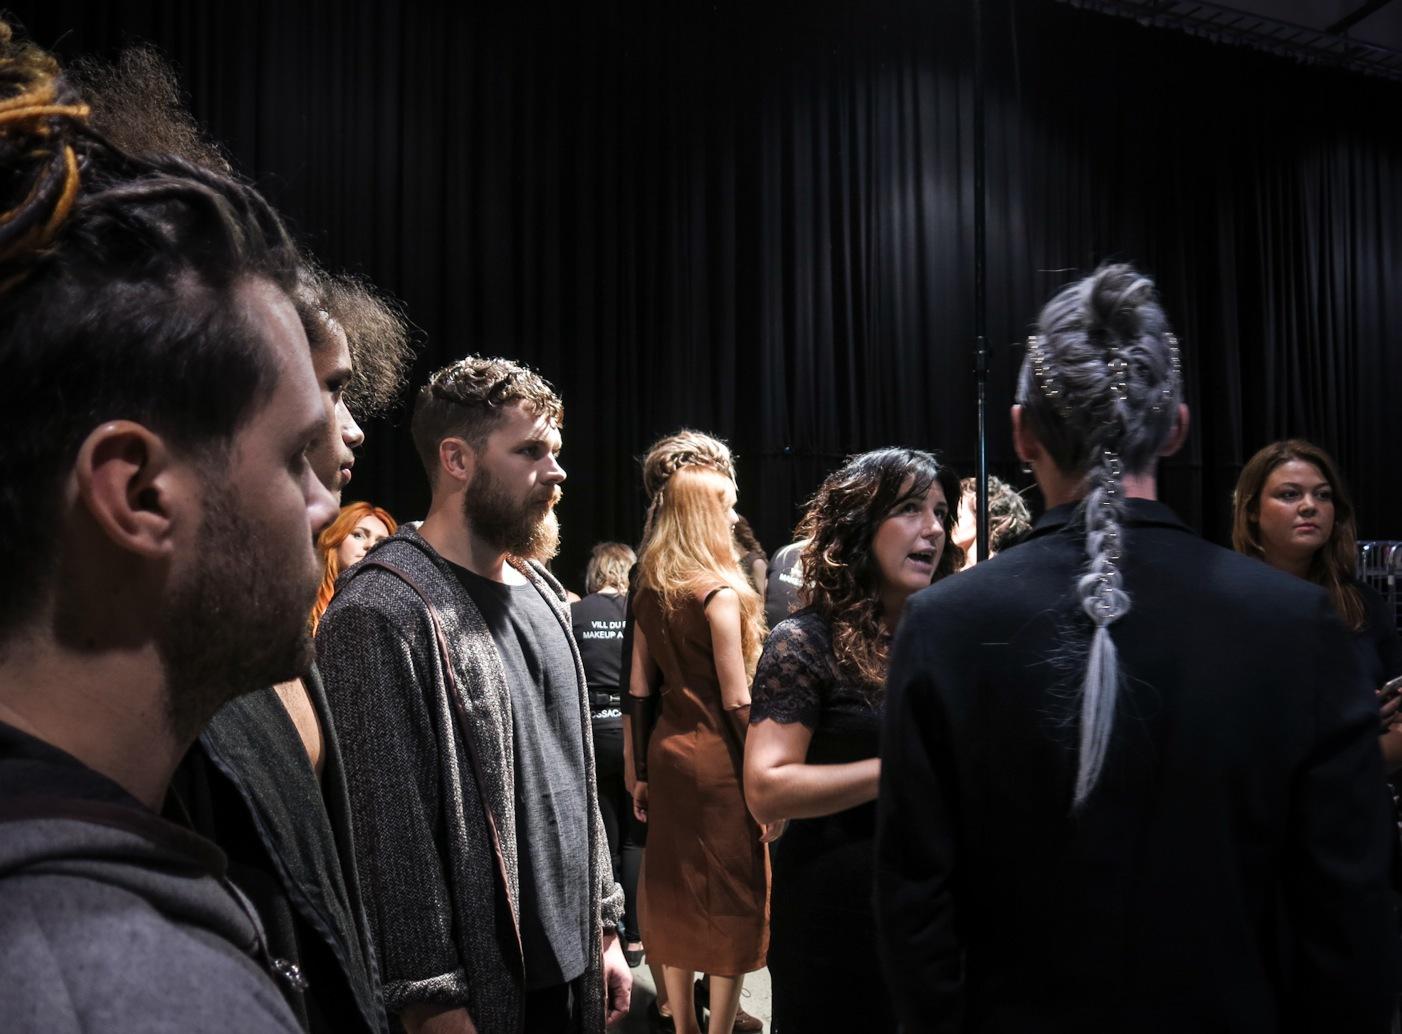 Spänd väntan för Uncharted collection hos Wella Professional teamet. Frontad av deras kreativa designer, Therese Danielsson.